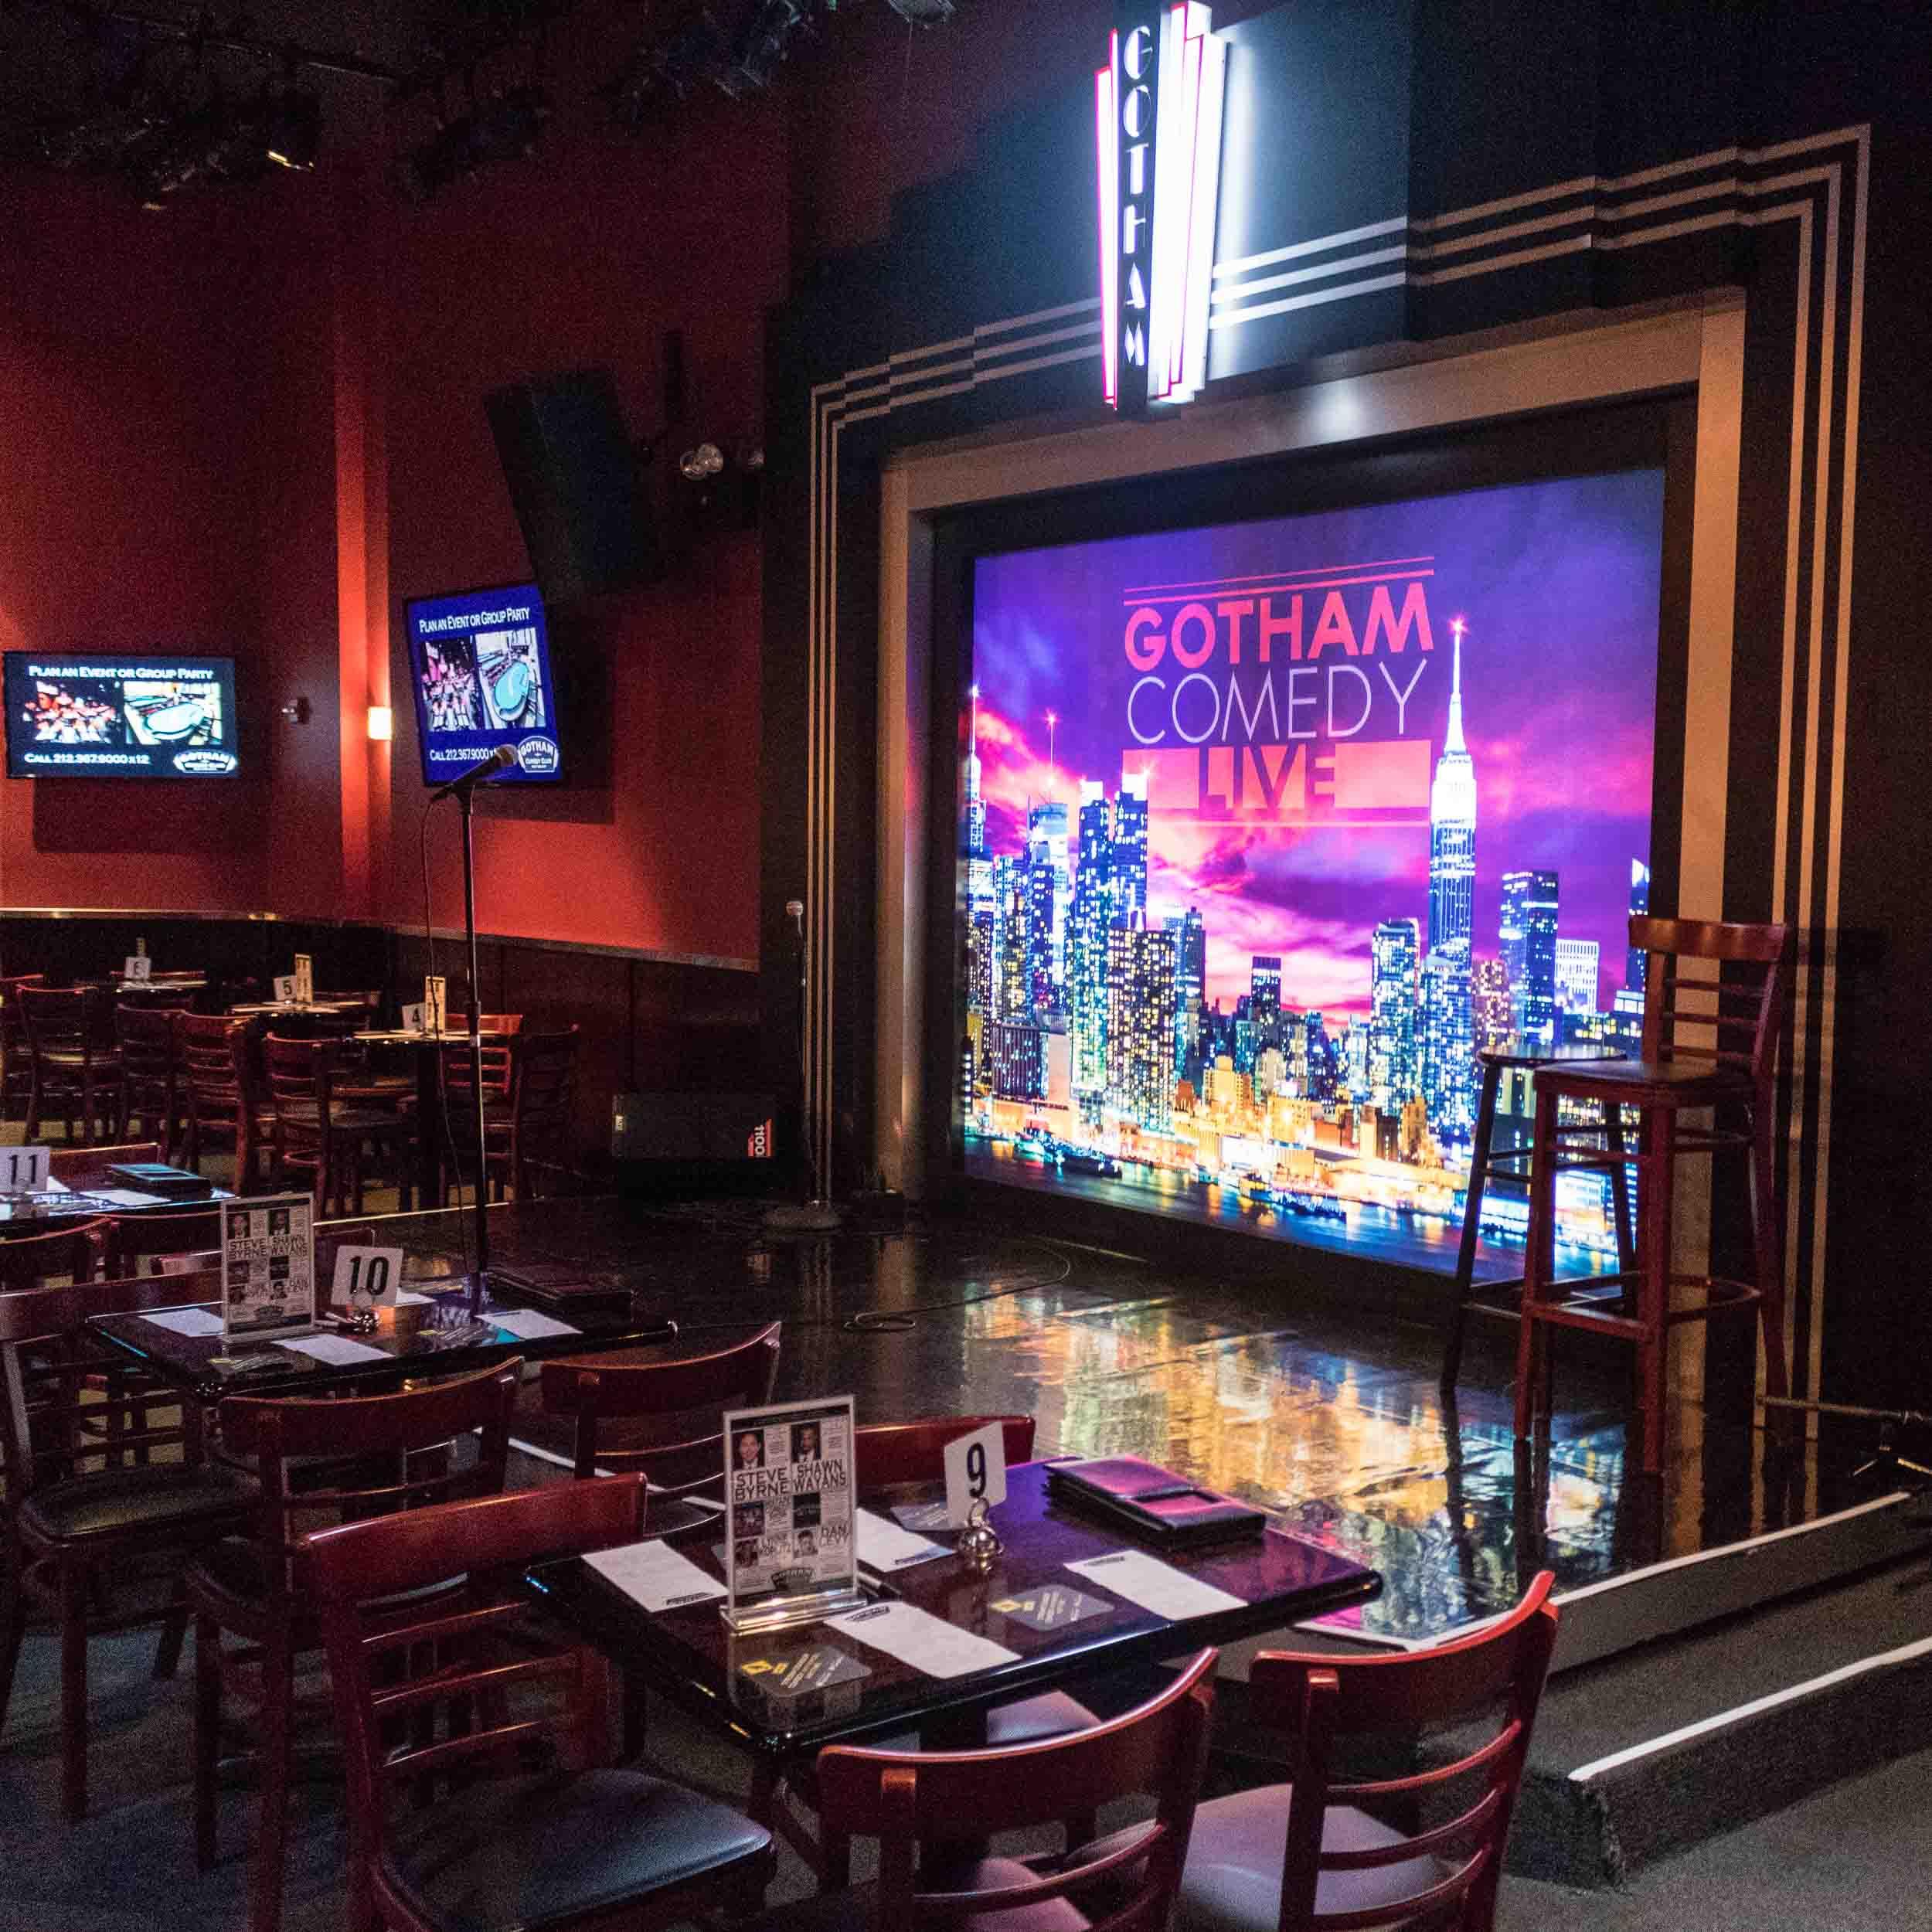 Manhattan Comedy School New Talent Shows Gotham Comedy Club.jpg